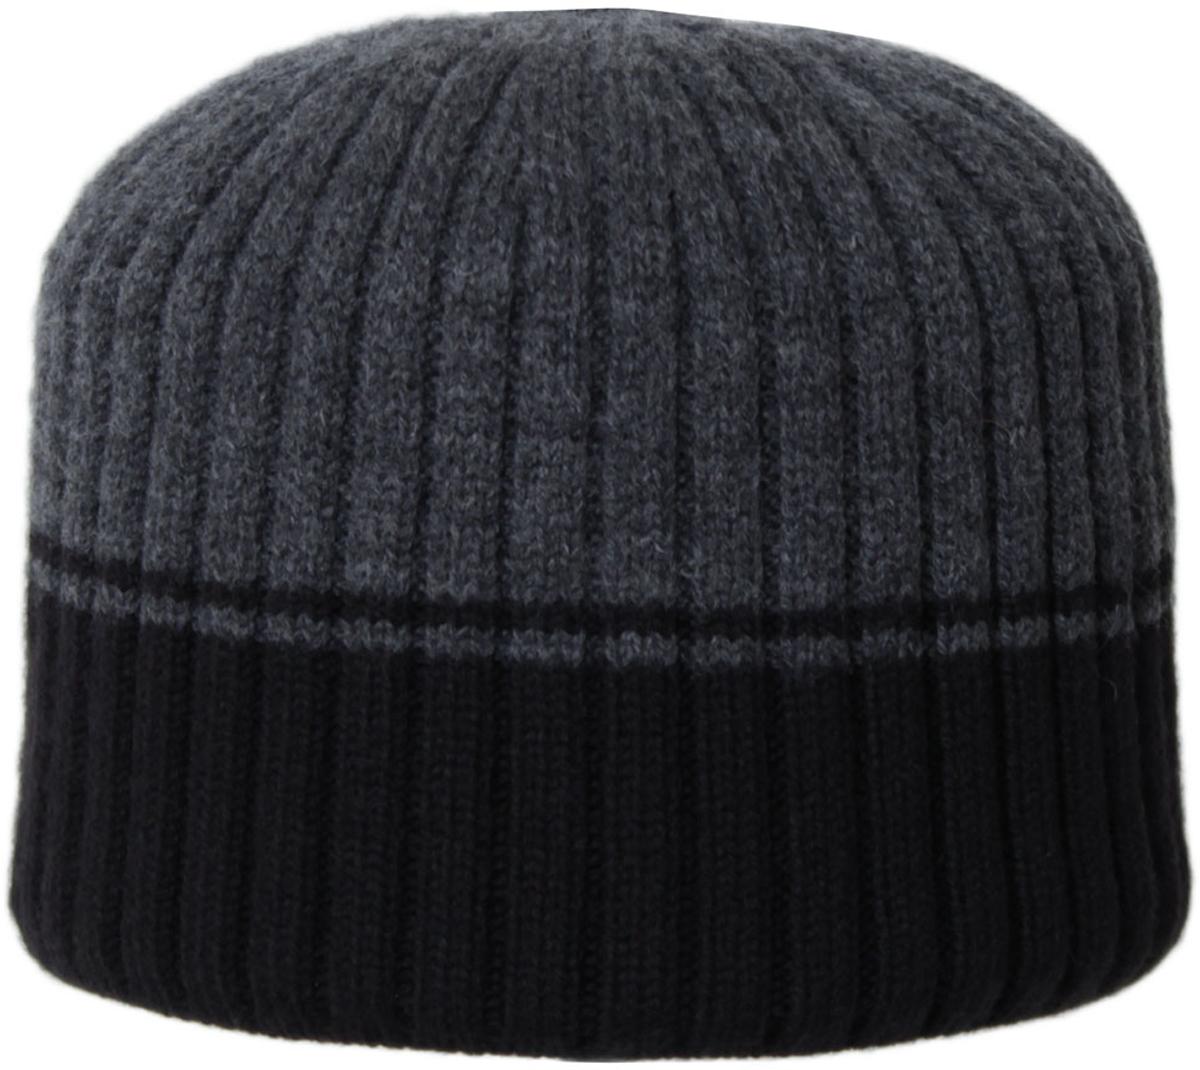 Шапка мужская. 5-0245-024Вязаная мужская шапка отлично подойдет для повседневной носки и активного отдыха в зимнее время года. Быстро выводит влагу от тела, оставляя изделие сухим. Шапка подарит ощущение тепла и комфорта в прохладный день.